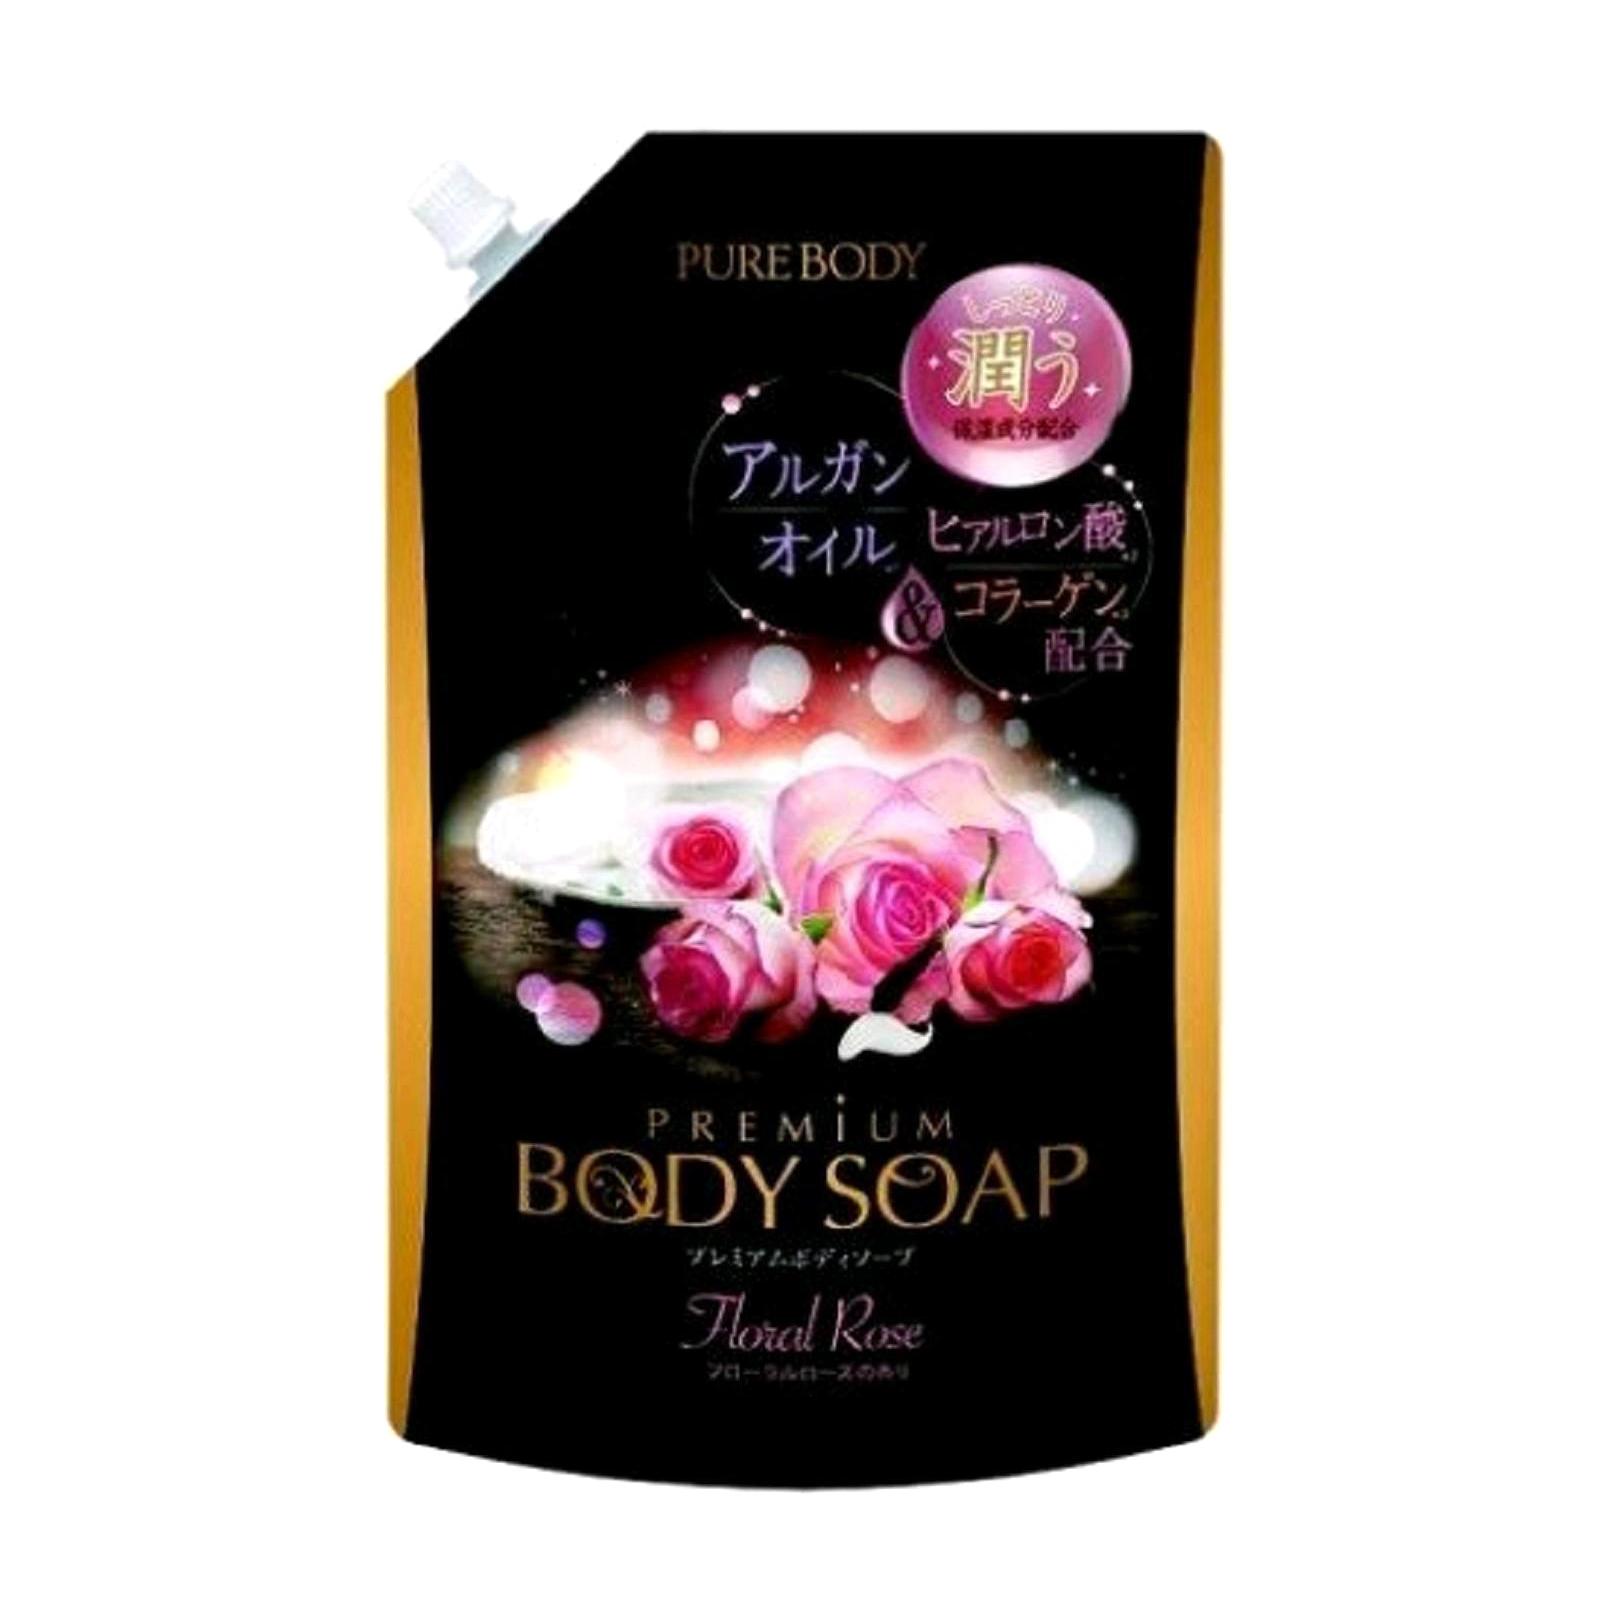 Увлажняющий гель для душа Mitsuei Pure Body Premium с аргановым маслом, гиалуроновой кислотой и коллагеном роскошным ароматом роз 840 мл